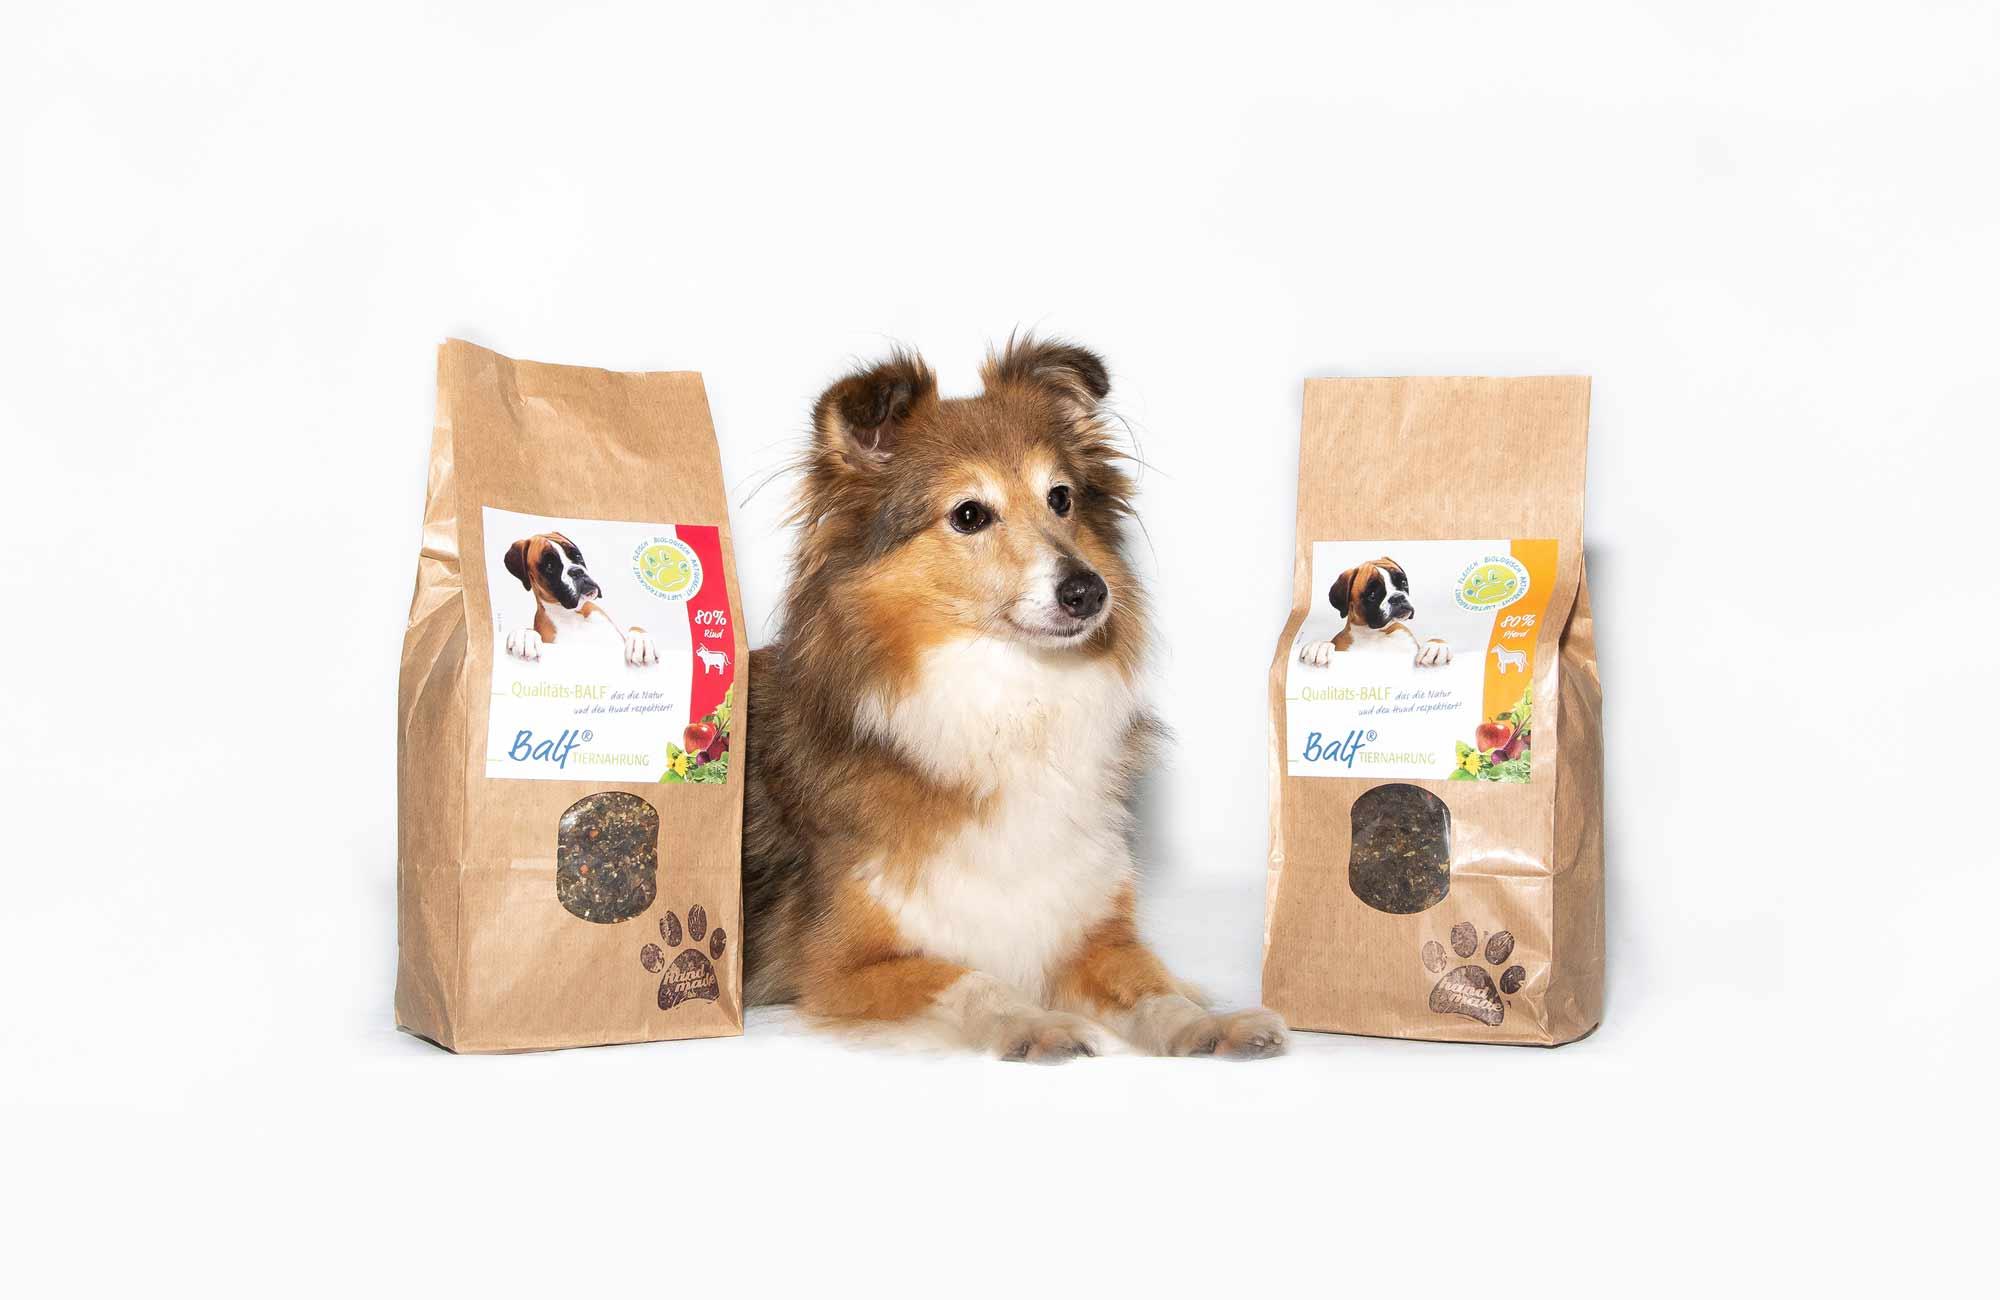 entzückendes Hundemädchen liegt erwartend zwischen zwei BALF-Produkten von PfotenImBiss